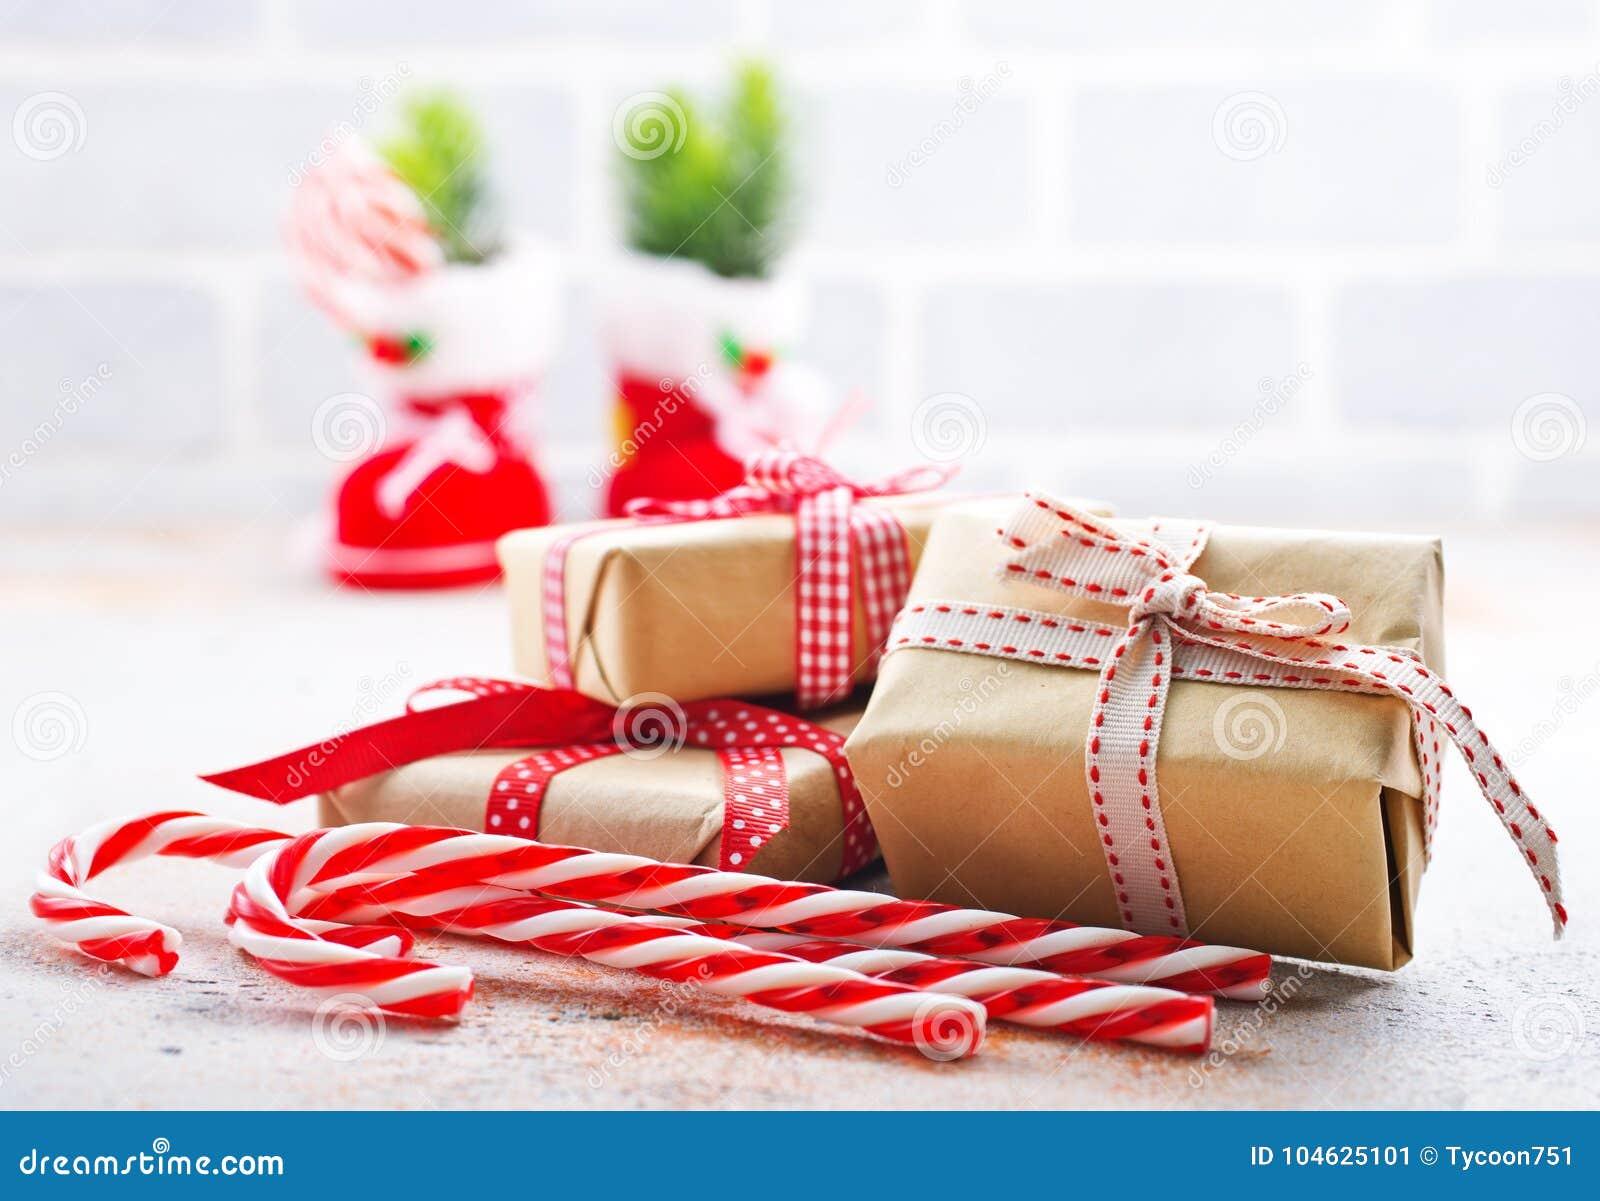 Download De Achtergrond Van Kerstmis Stock Afbeelding - Afbeelding bestaande uit achtergrond, banner: 104625101